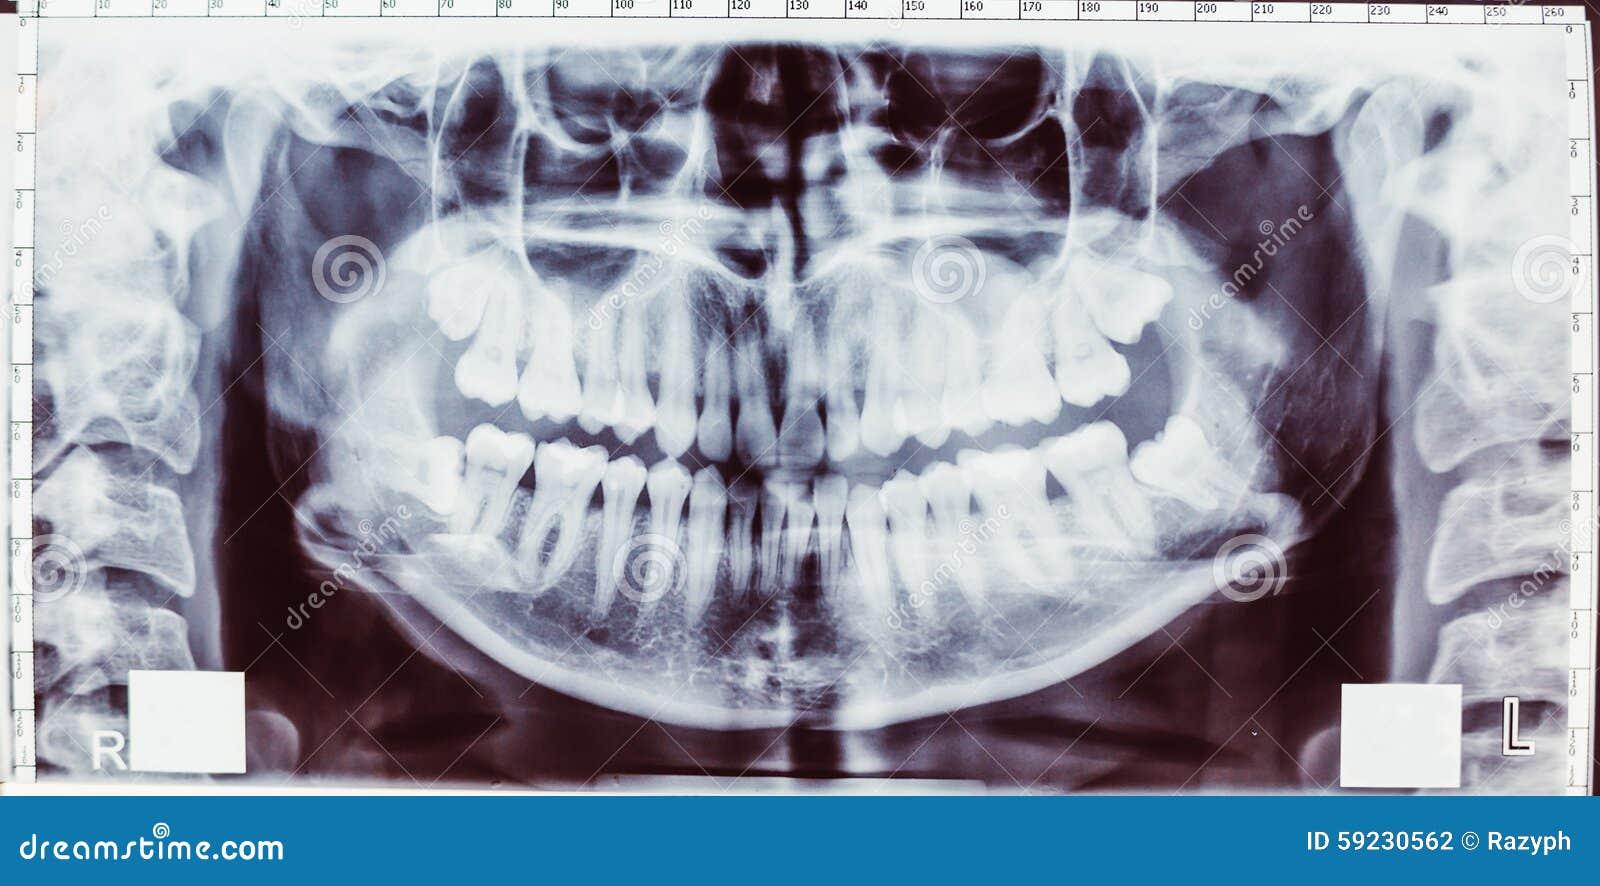 ακτινογραφία δοντιών